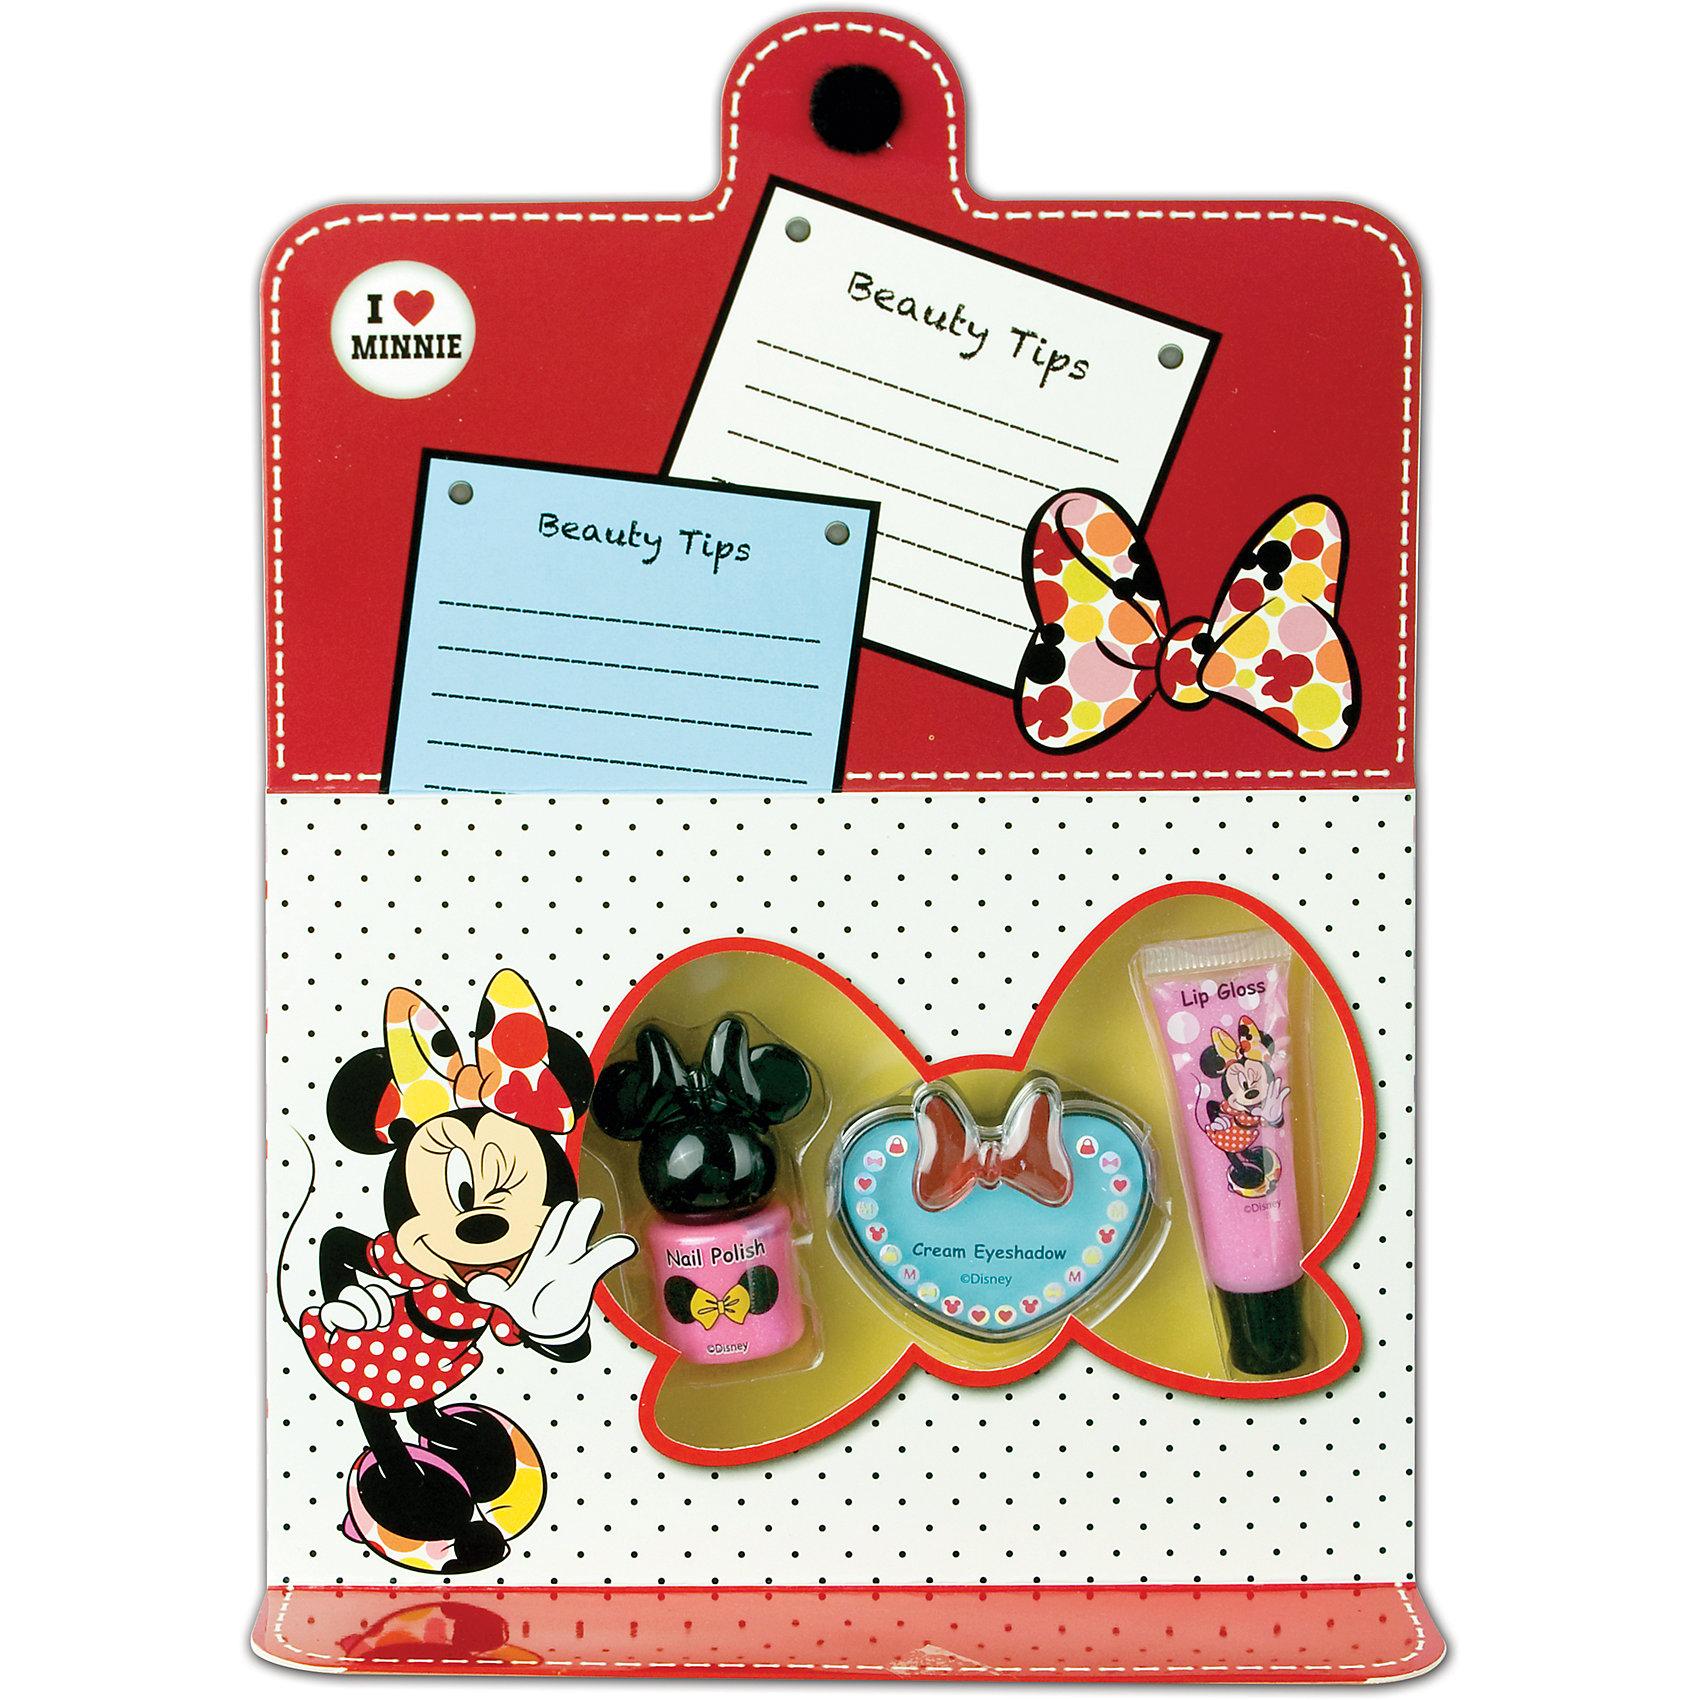 Markwins Игровой набор детской декоративной косметики для лица и ногтей, Минни Маус markwins игровой набор детской декоративной косметики для лица и ногтей минни маус